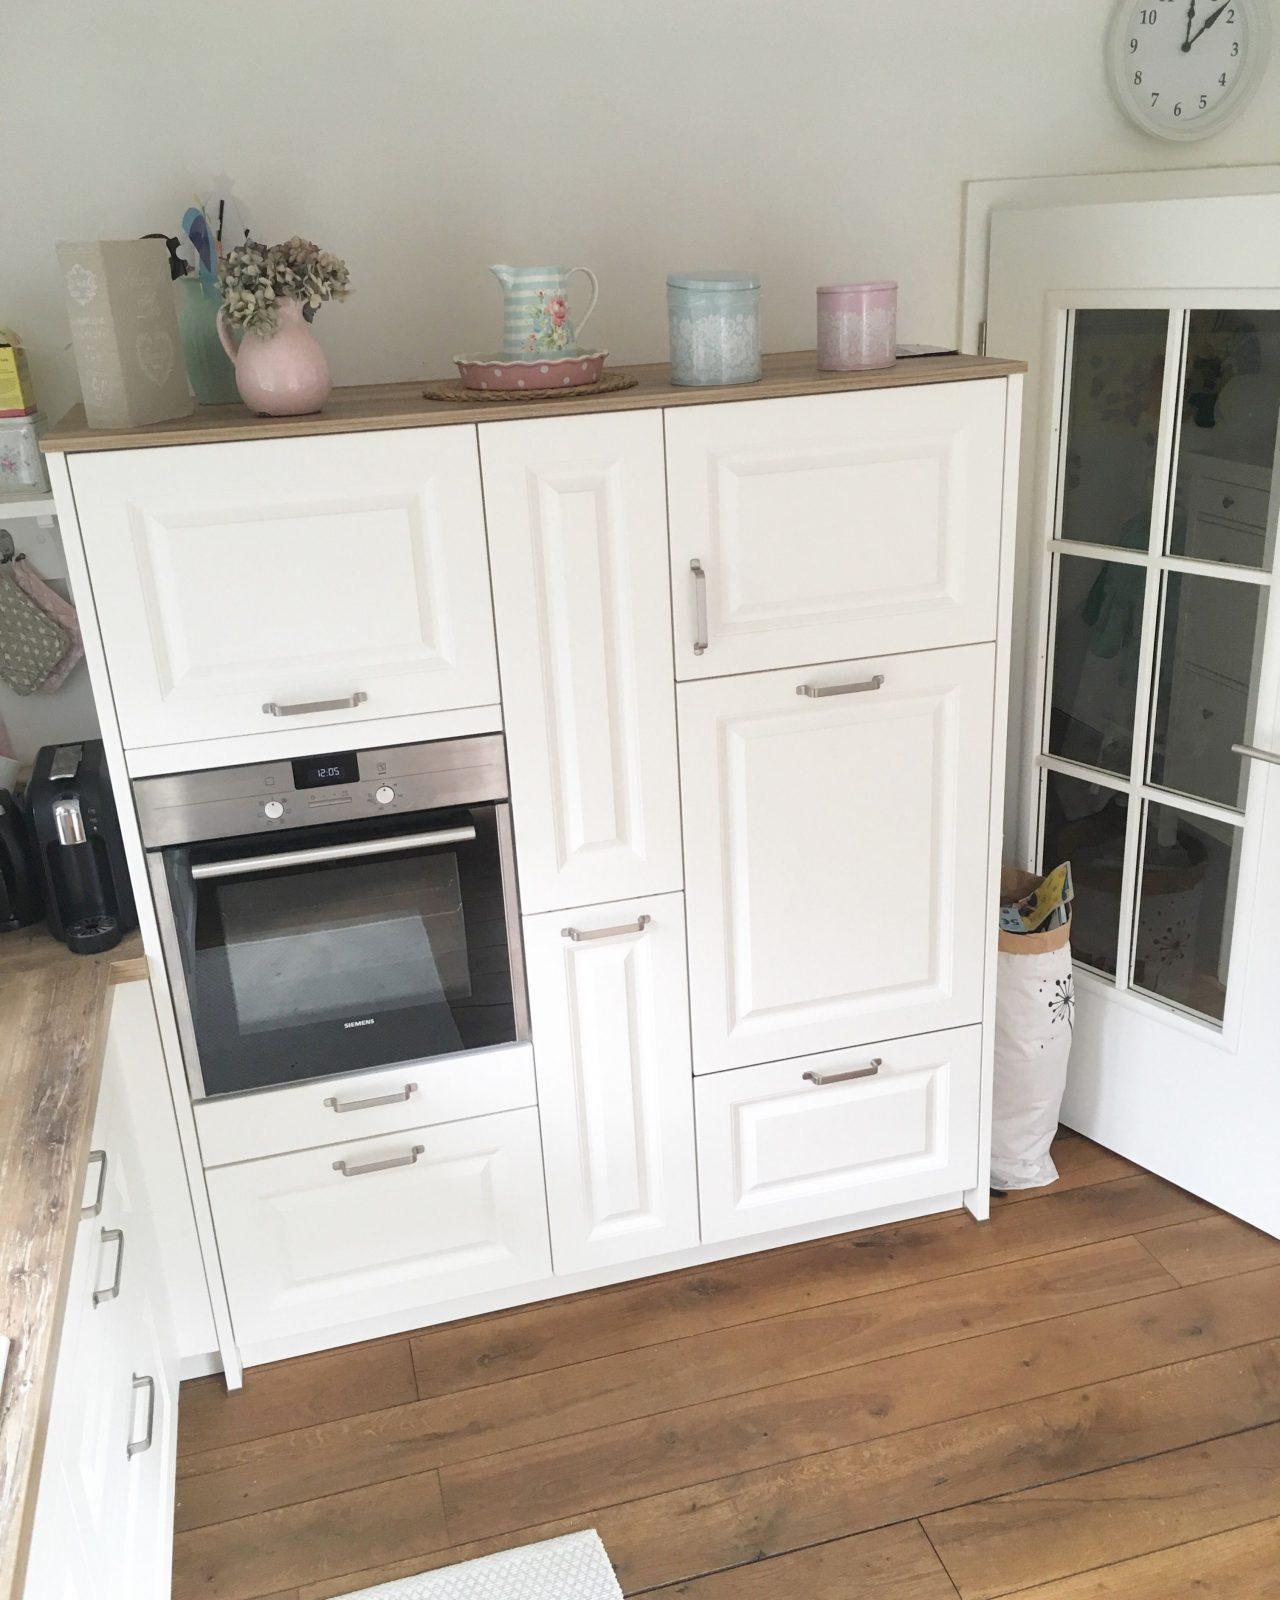 Kitchendreams 10 Fakten Über Meine Küche Moderner von Moderner Landhausstil Dekoration Bild